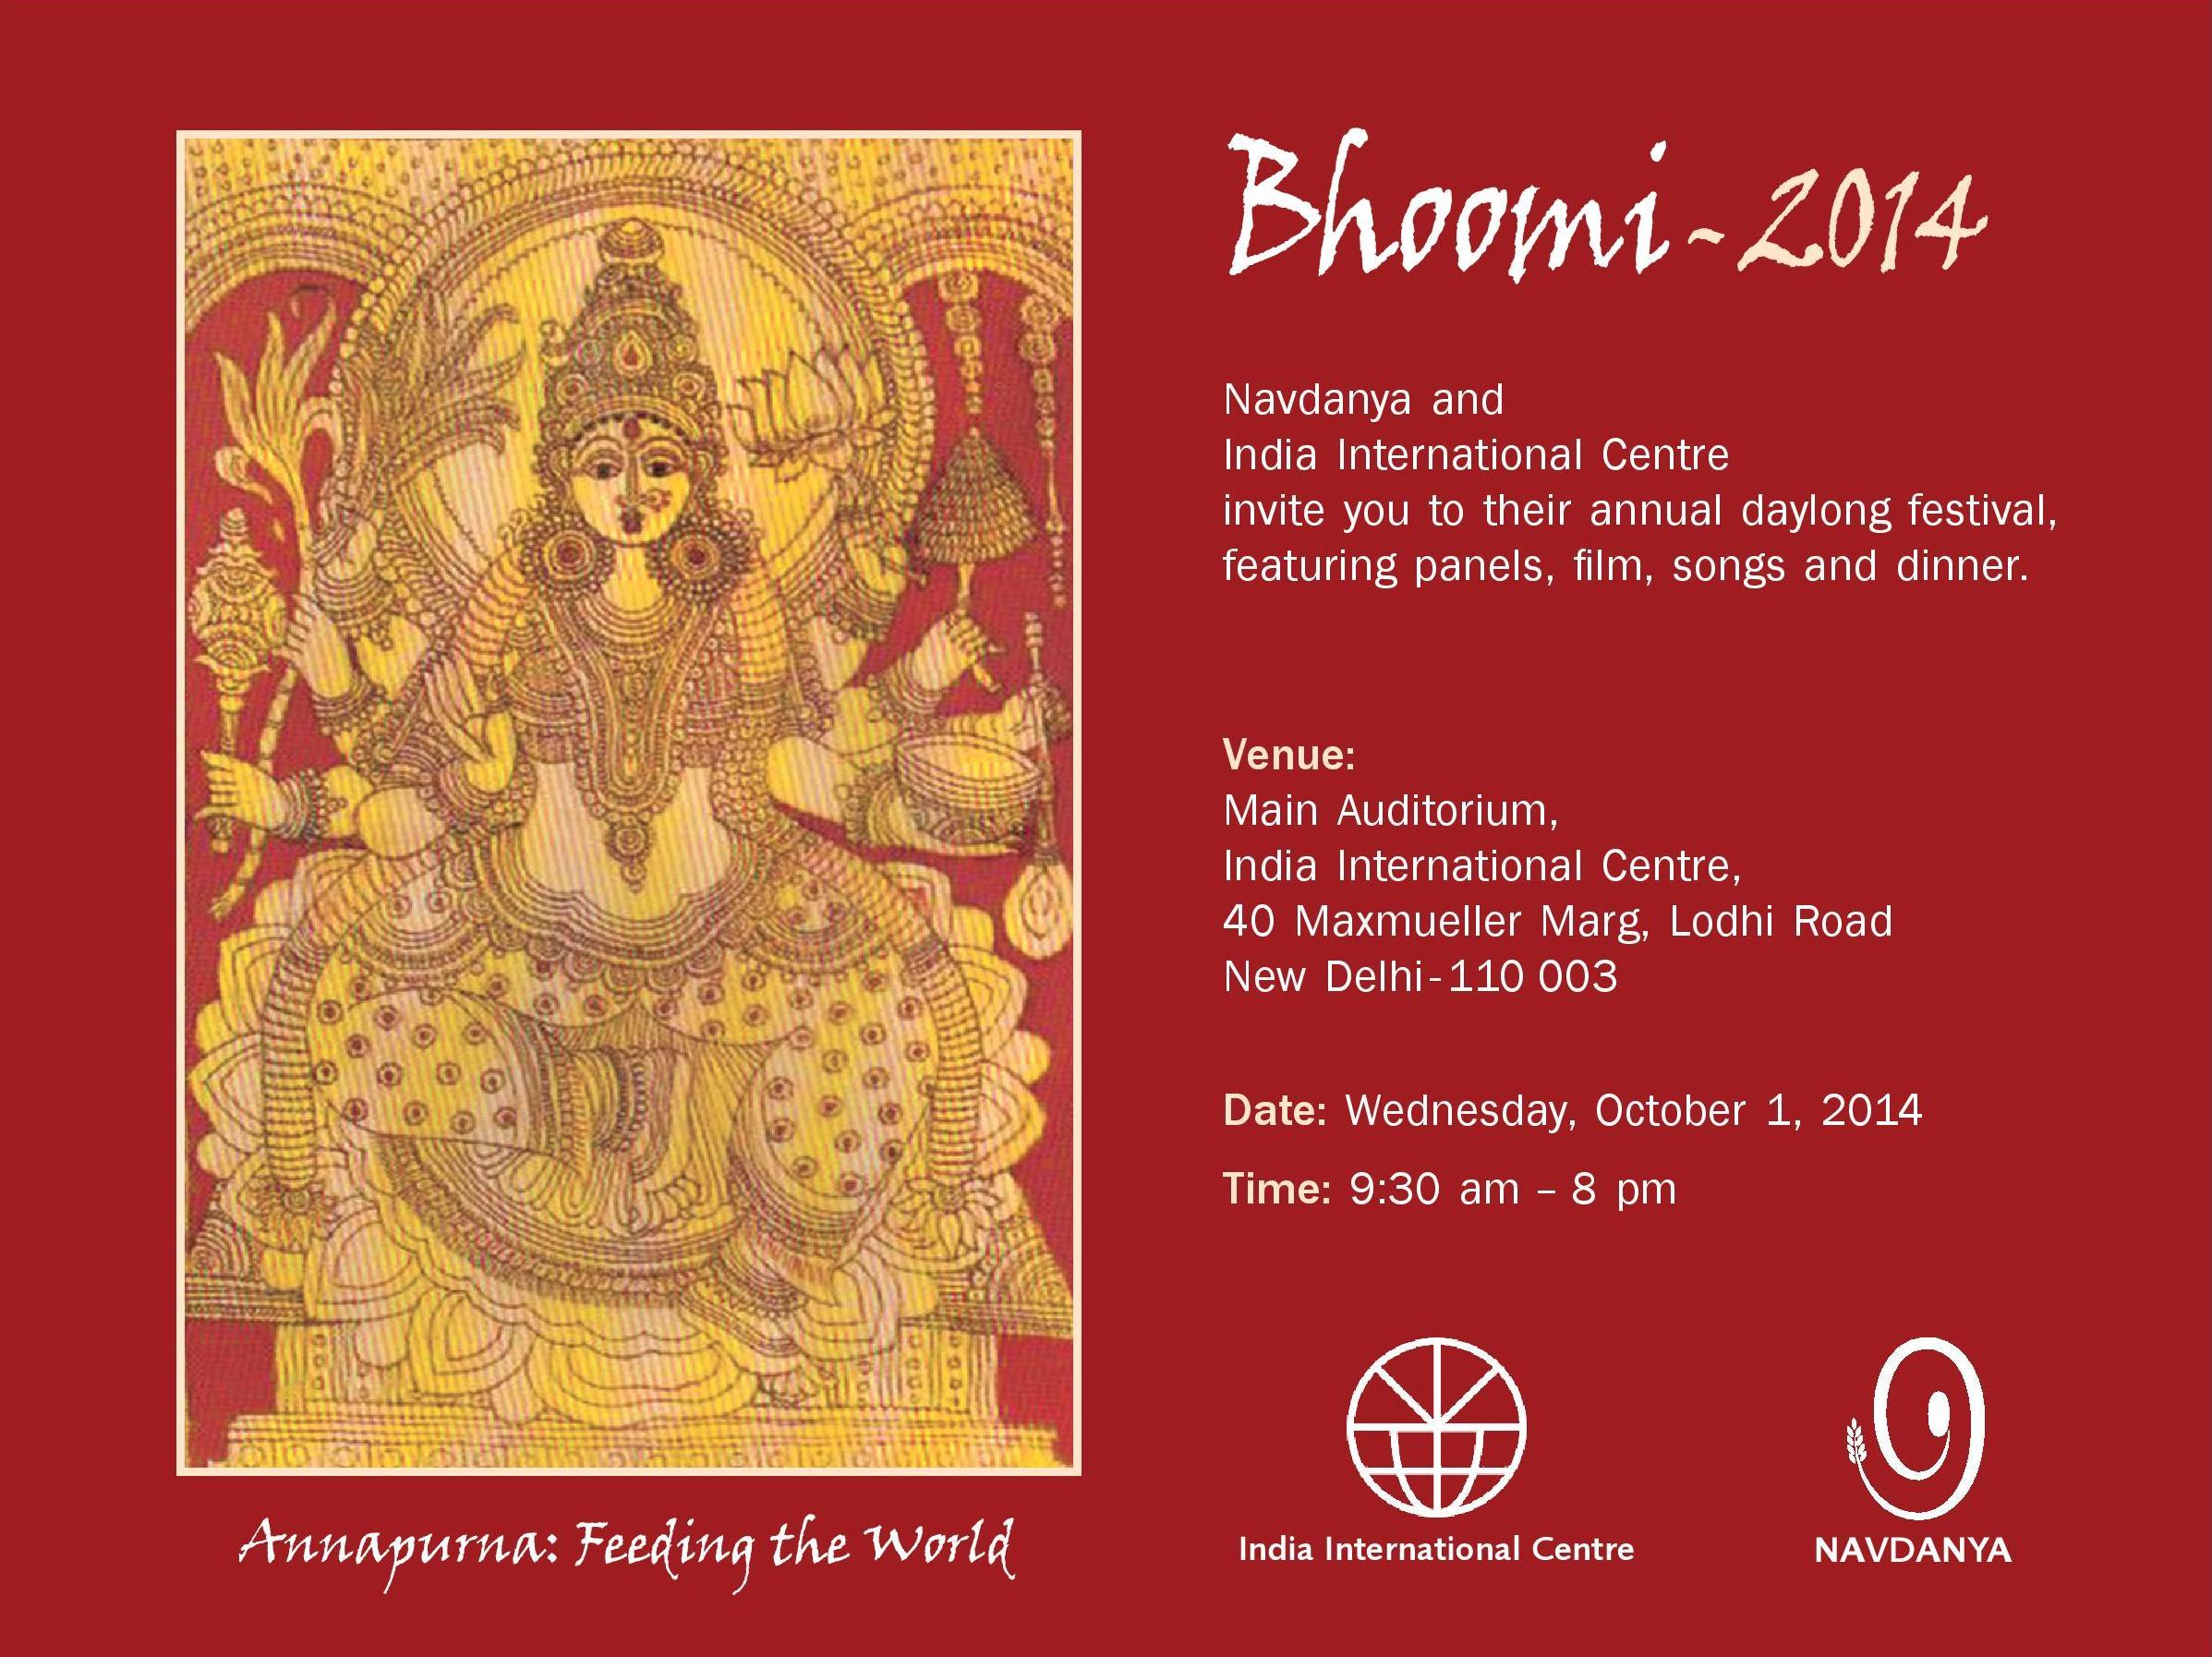 Bhoomi 2014